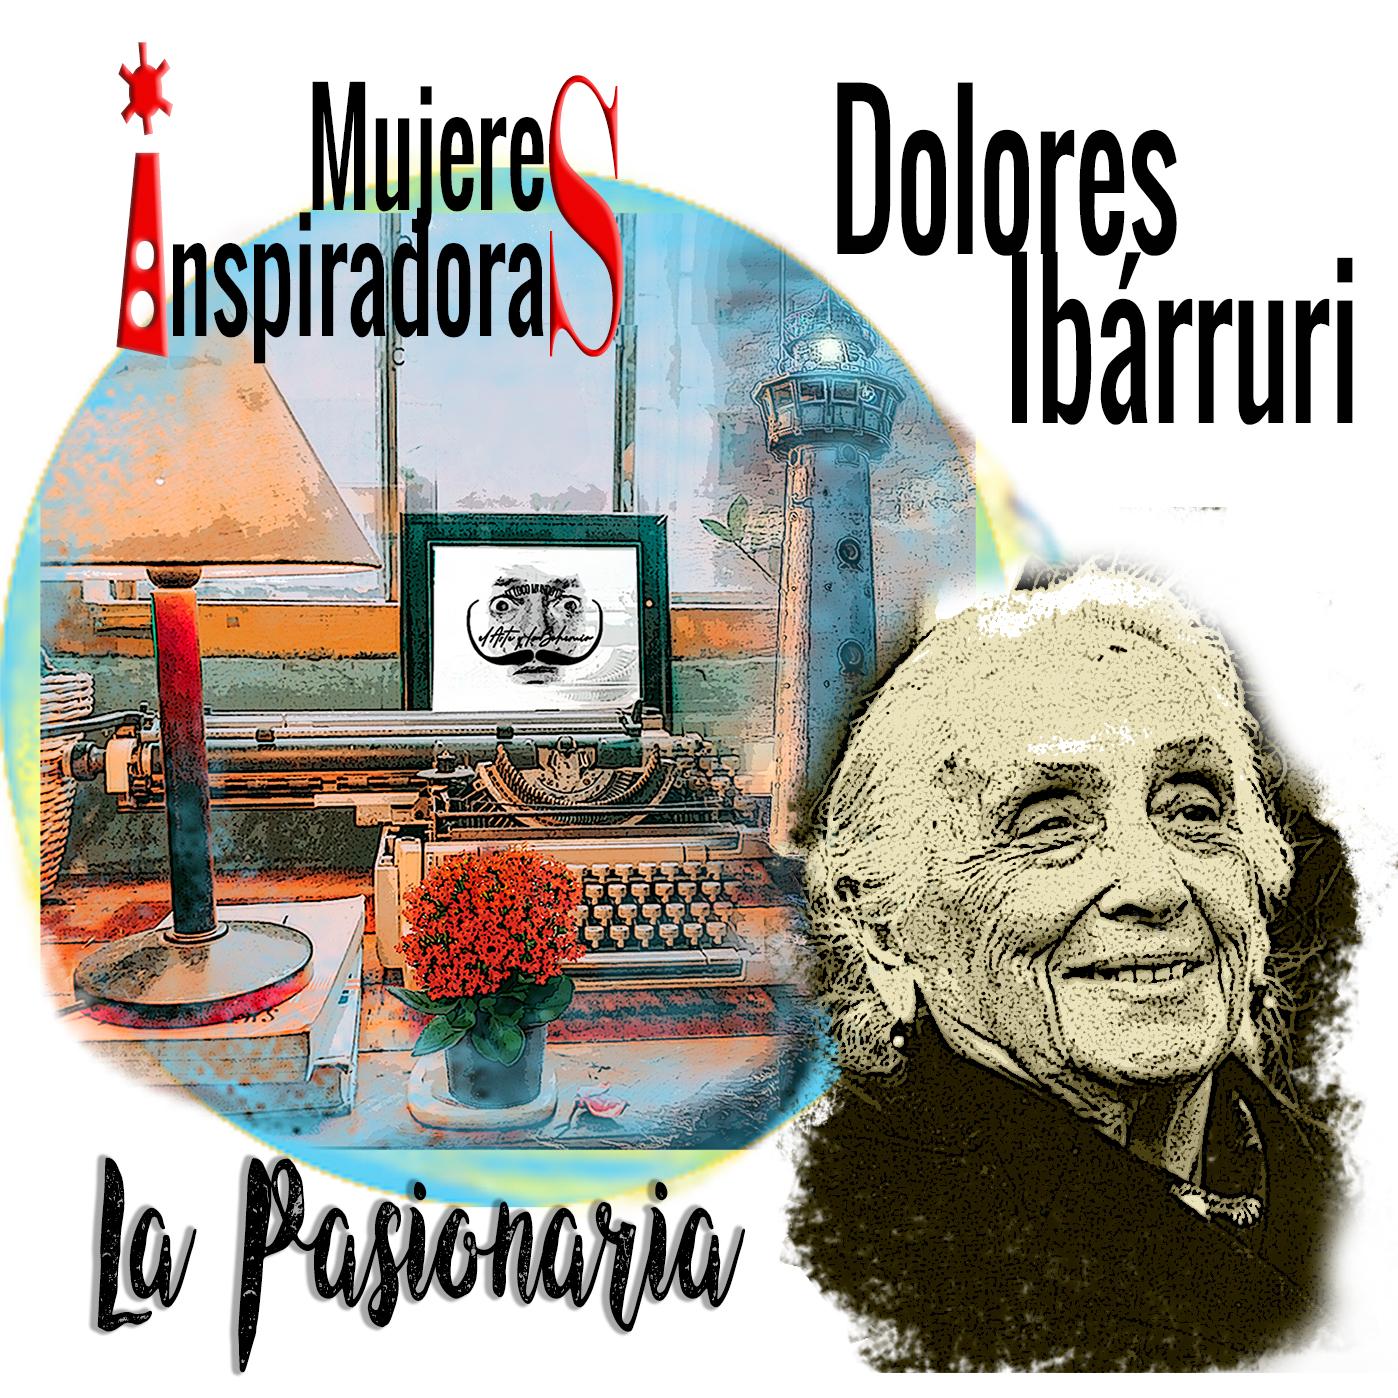 Mujeres Inspiradoras: Dolores Ibárruri, La Pasionaria, con fondo collage con máquina escribir y un faro coloreados. Loco Mundo Arte y Bohemia